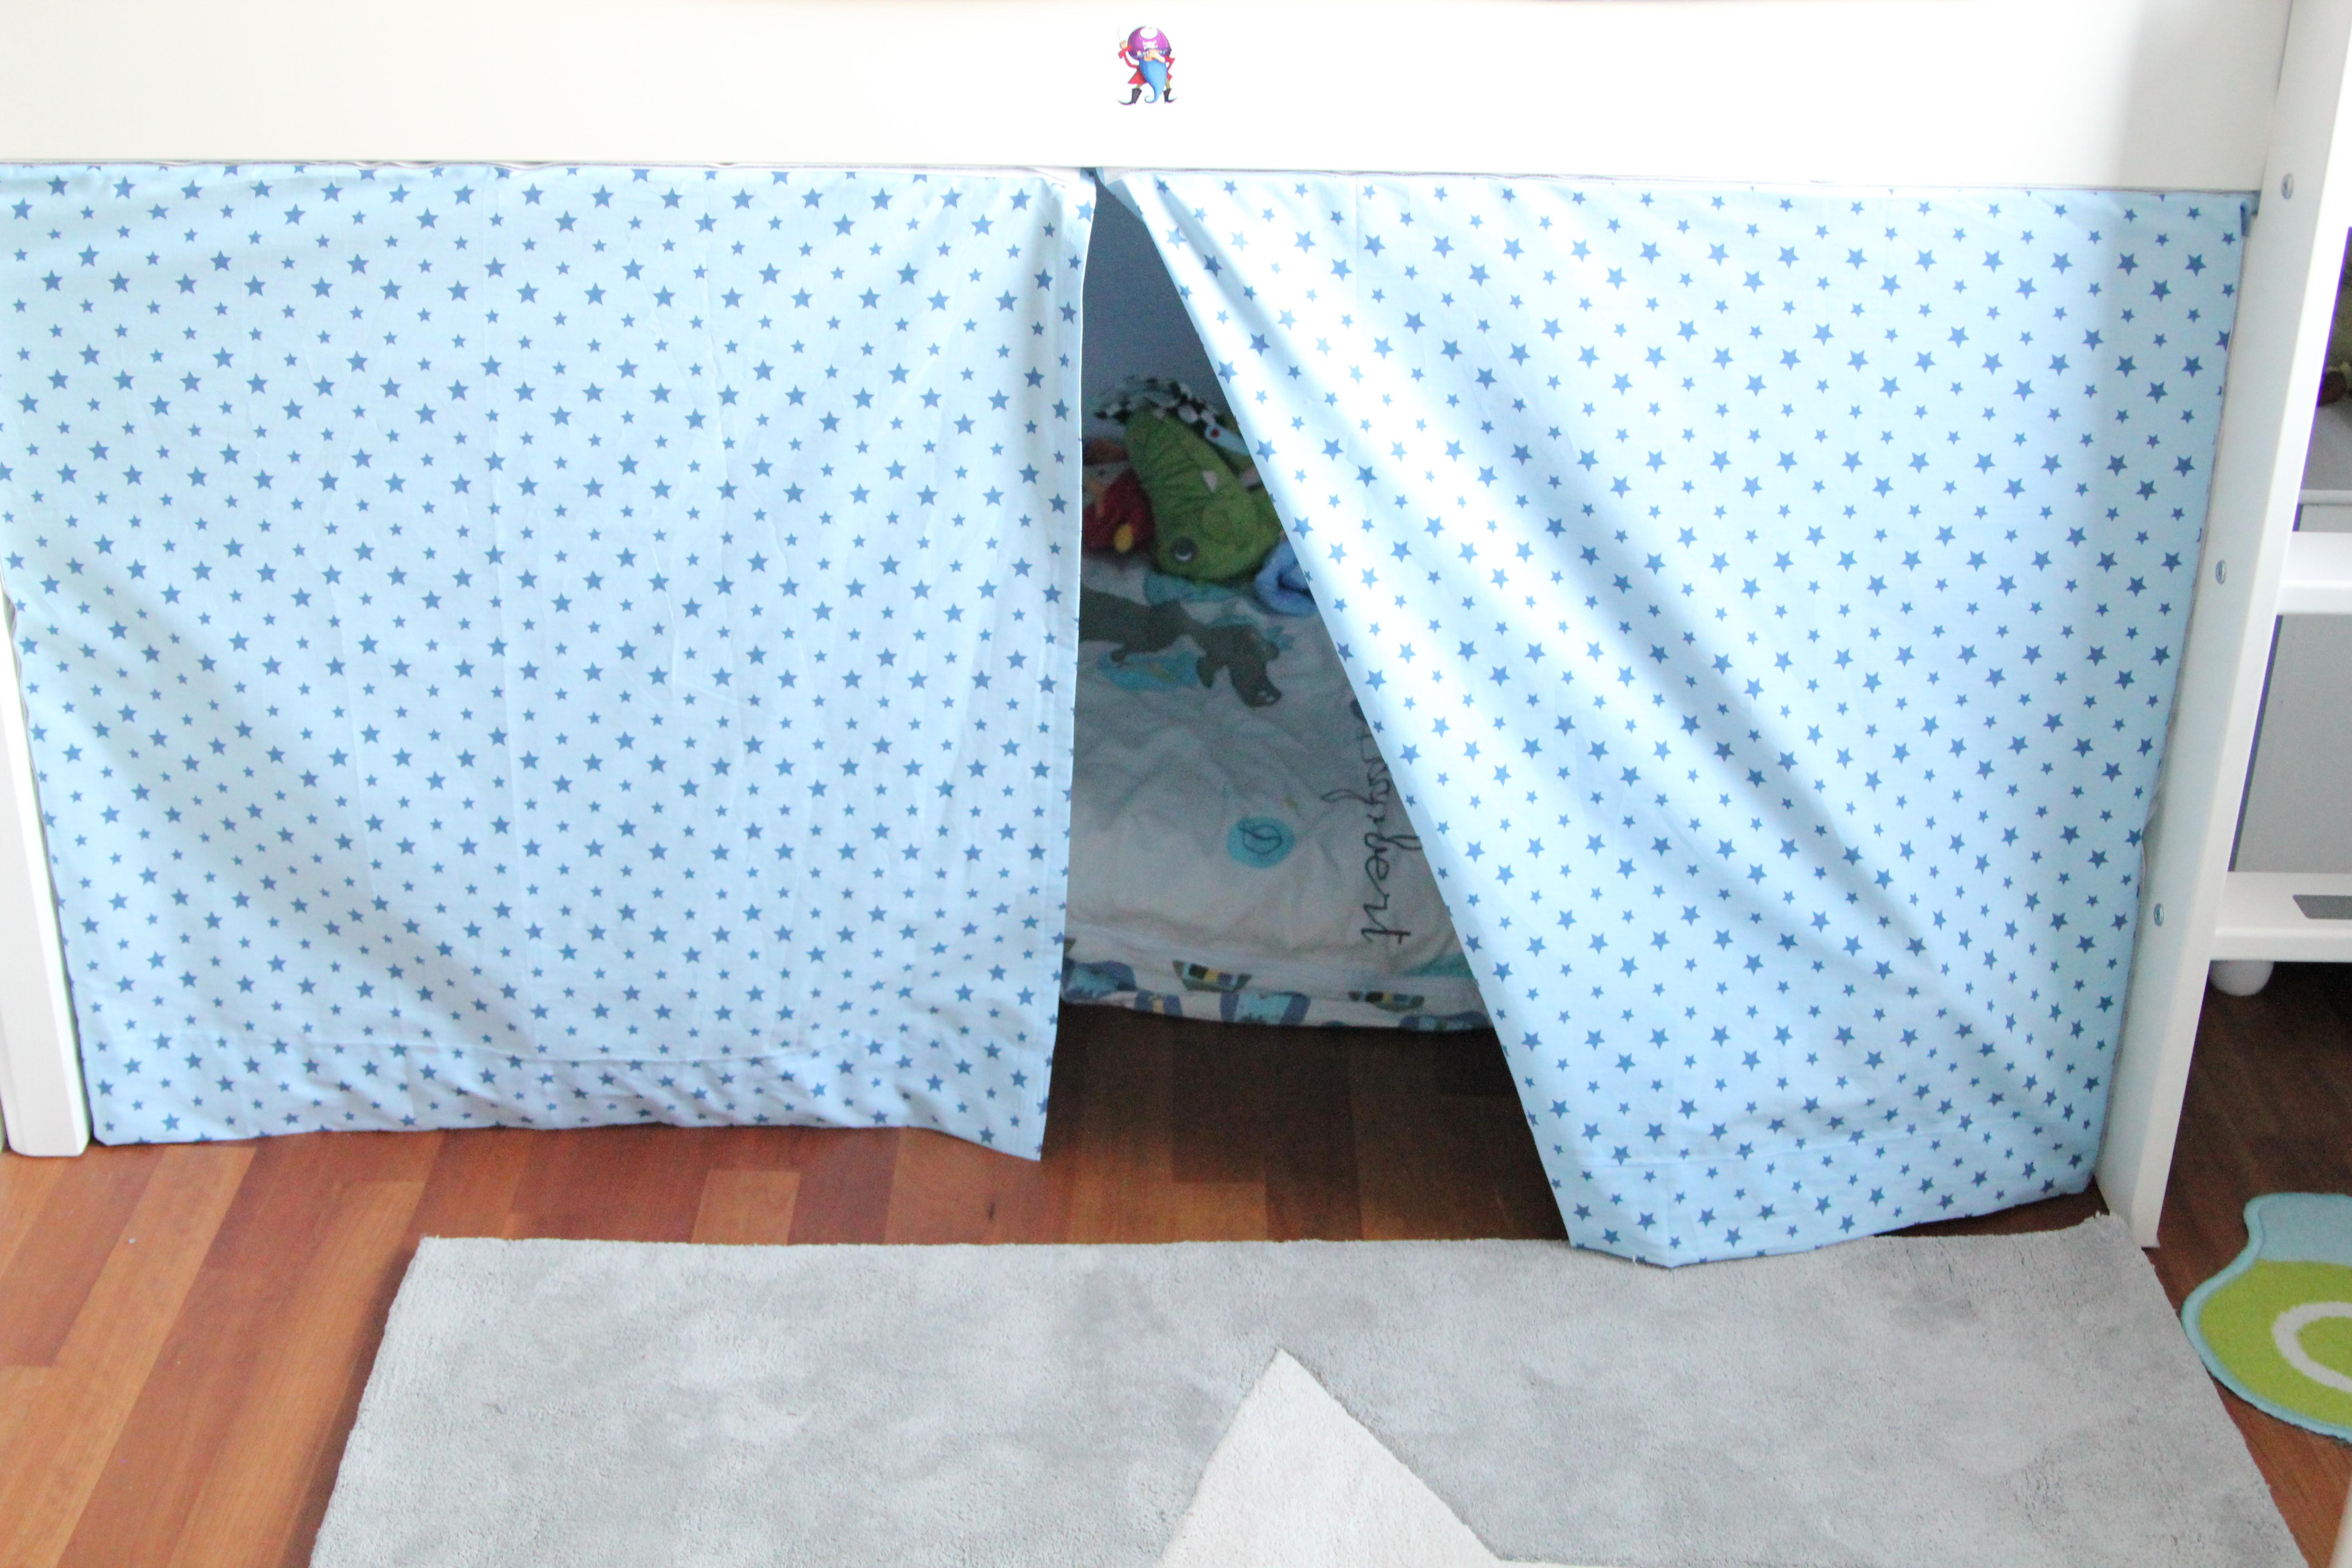 Vorhang Etagenbett Selber Nähen : Himmel für kinderbett selber nähen u inspirierende